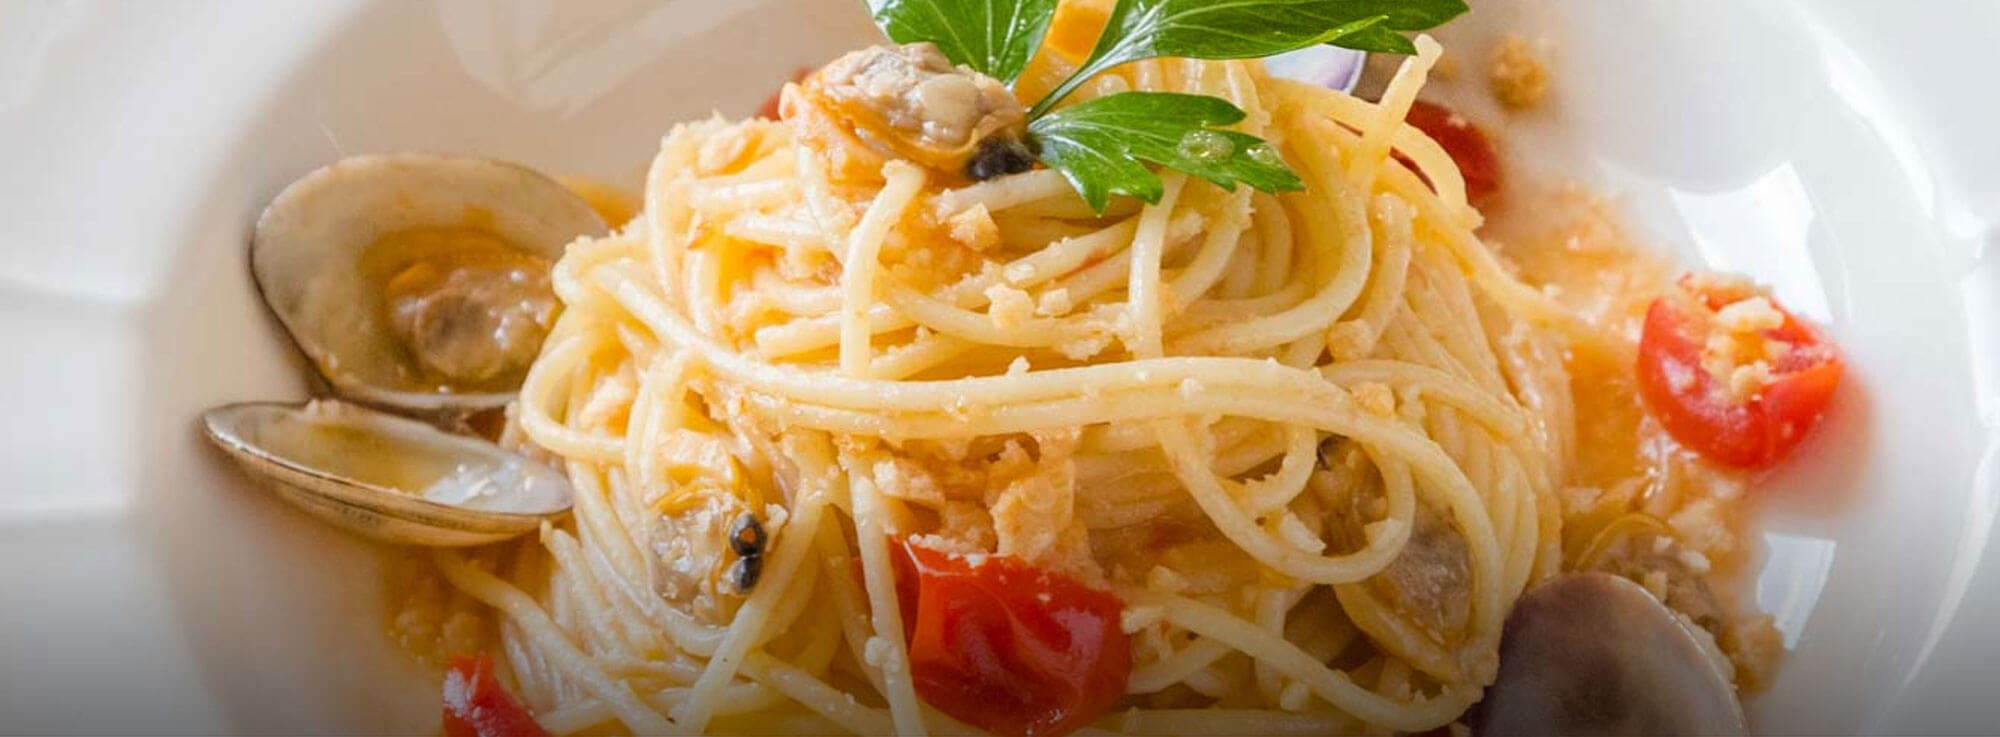 Ricetta: Spaghetti vongole e taralli